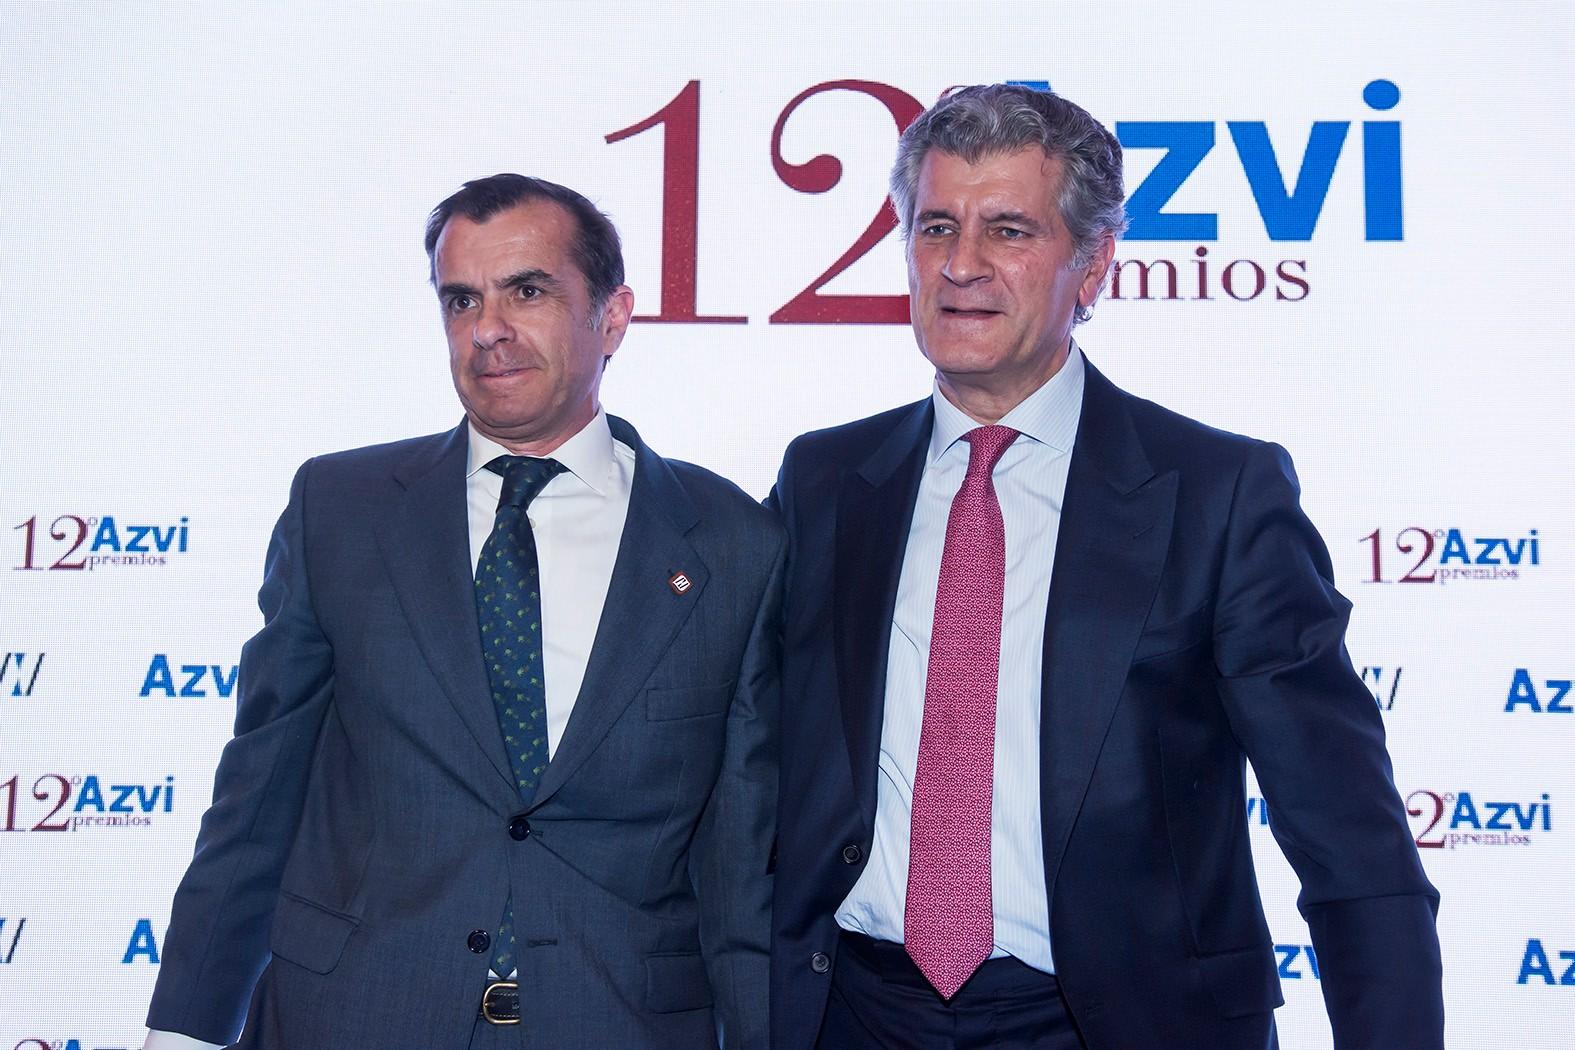 12 premios Azvi 120